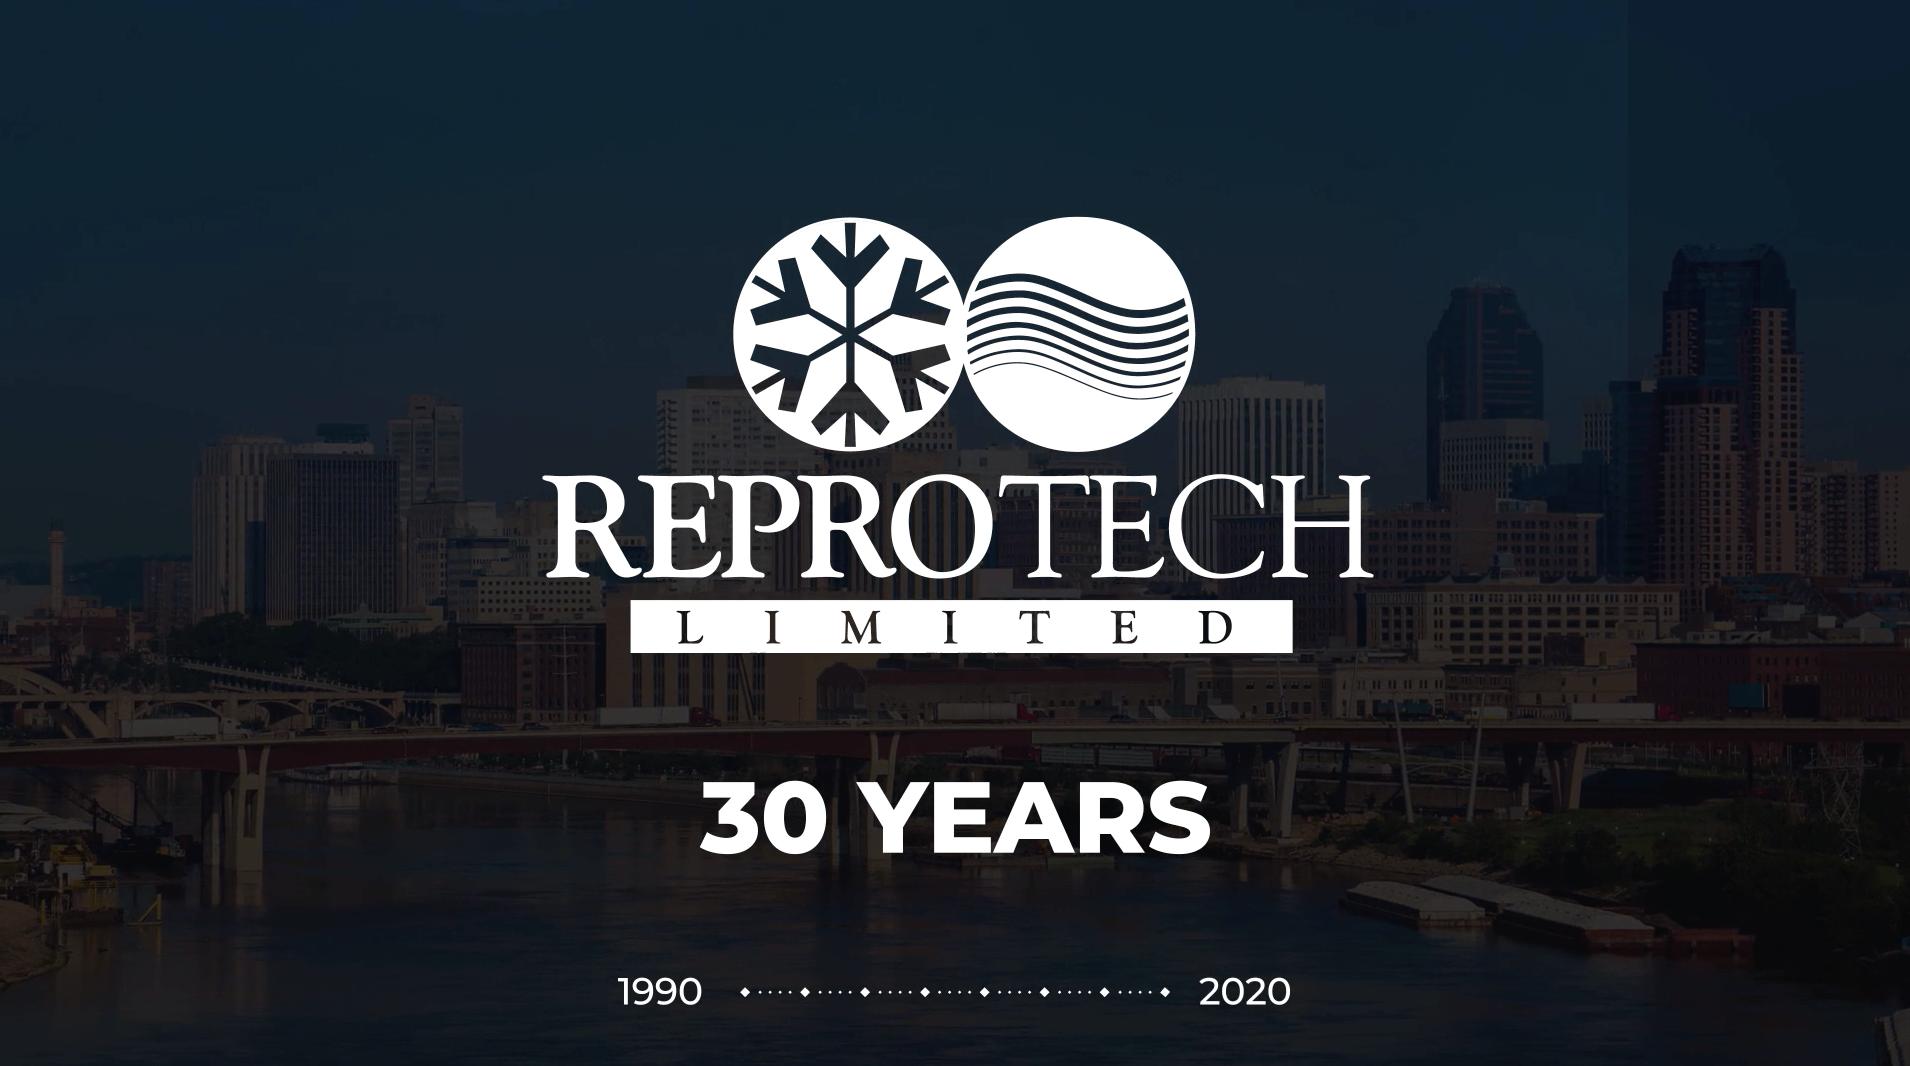 Video describing Reprotech's 30 year history